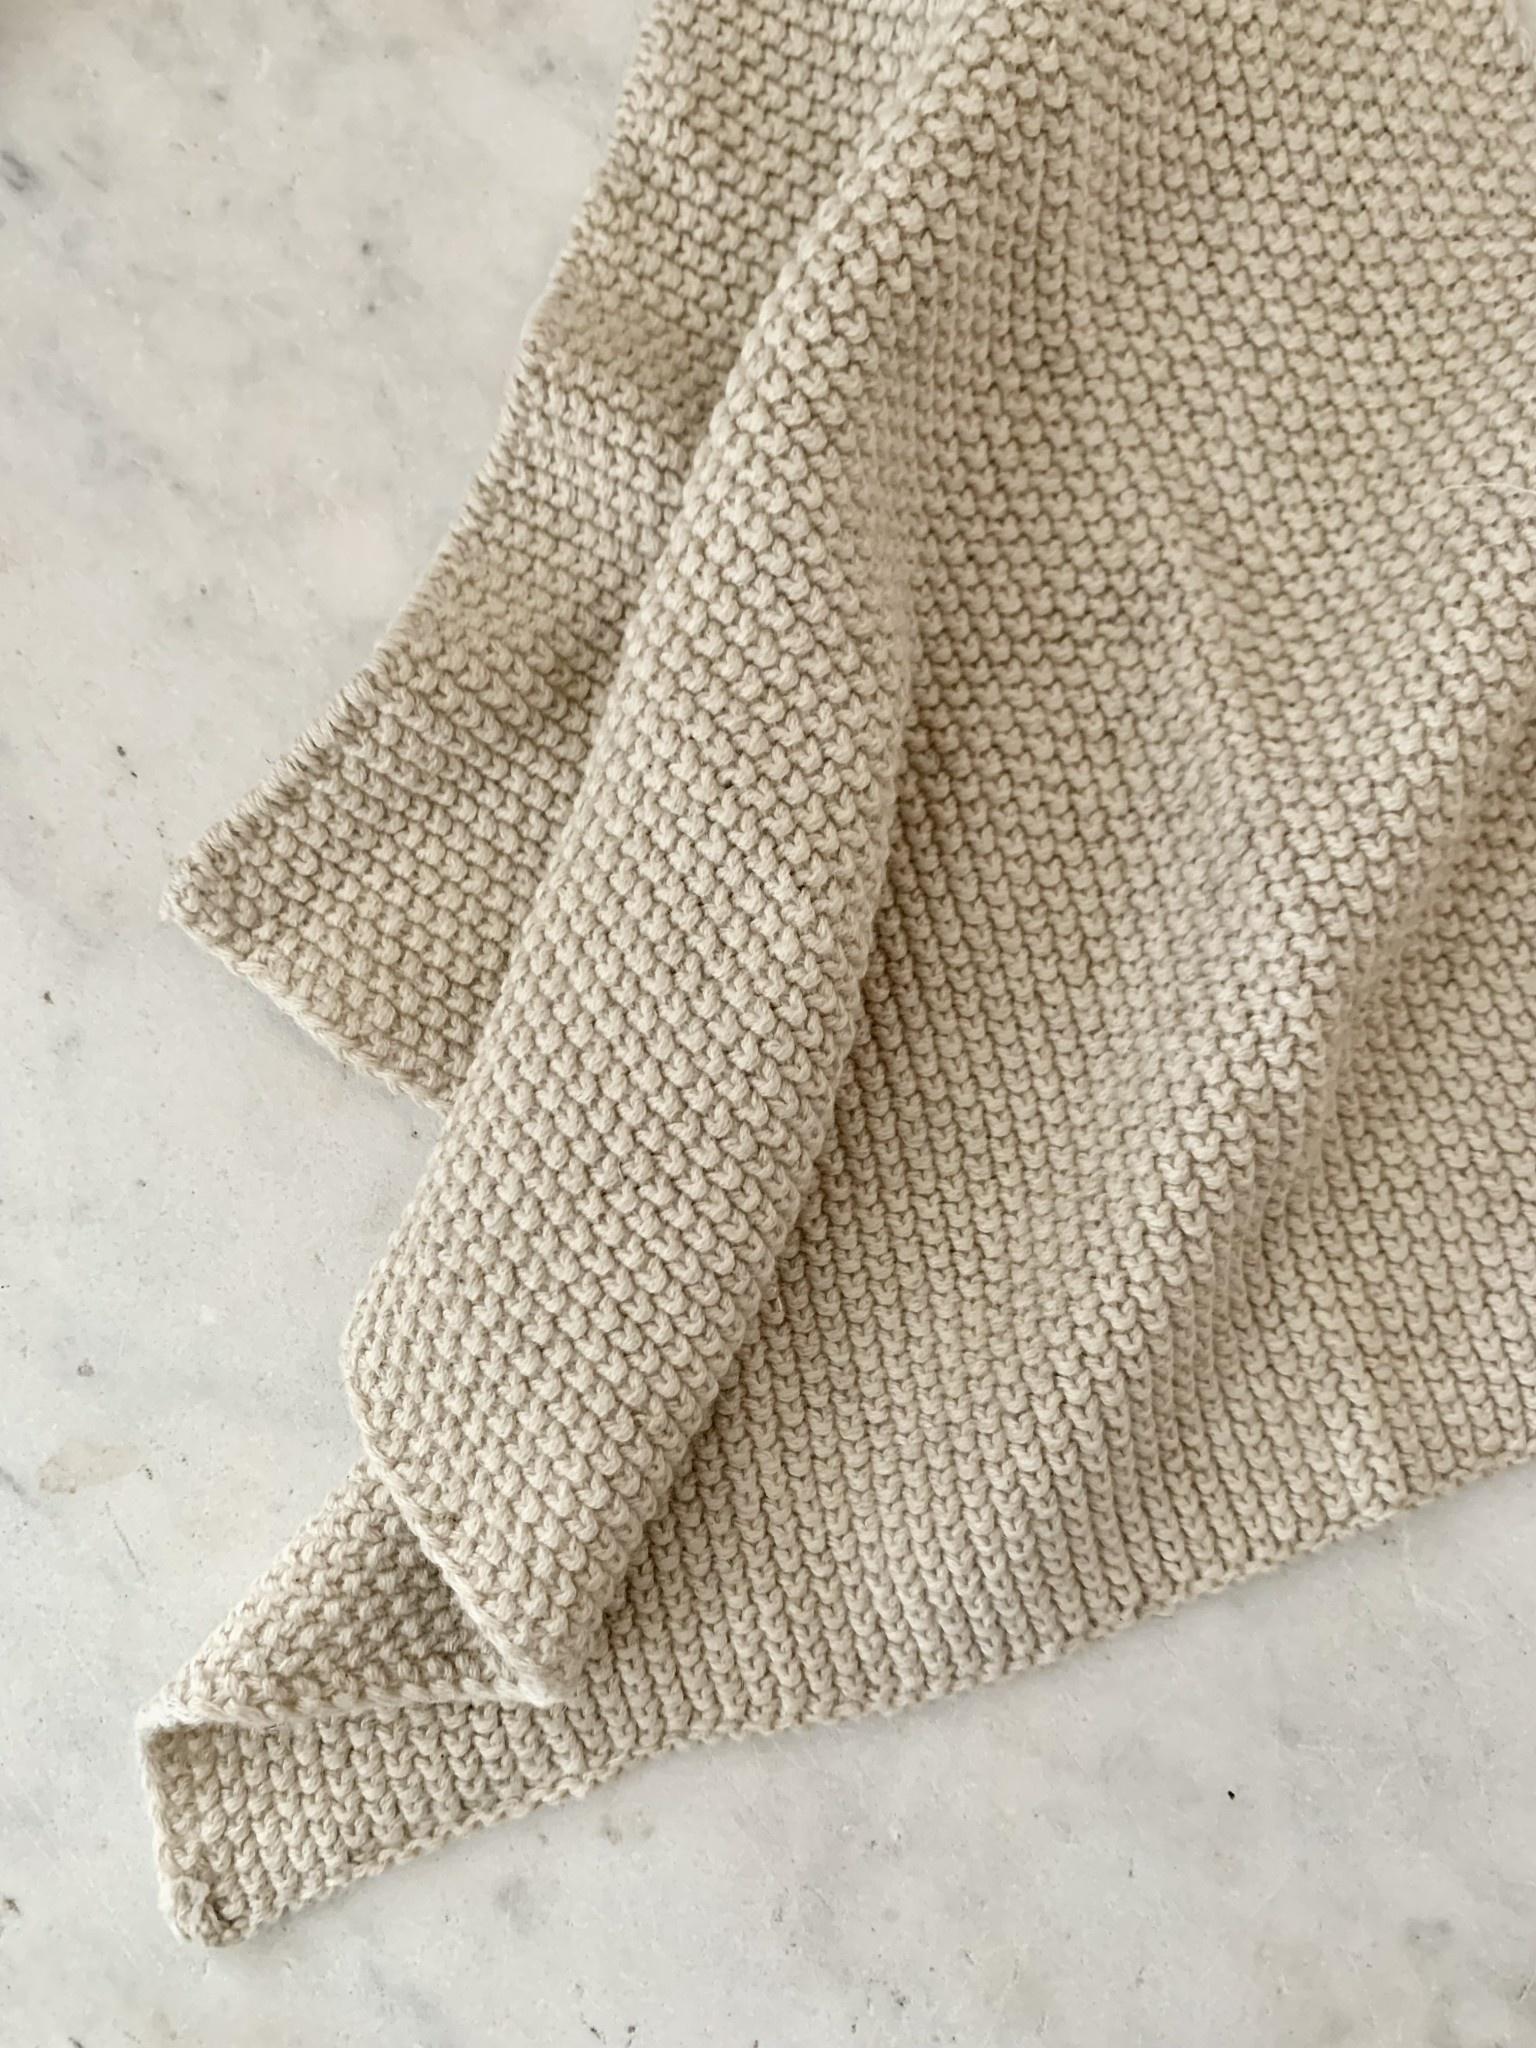 European Dish Cloth - Natural